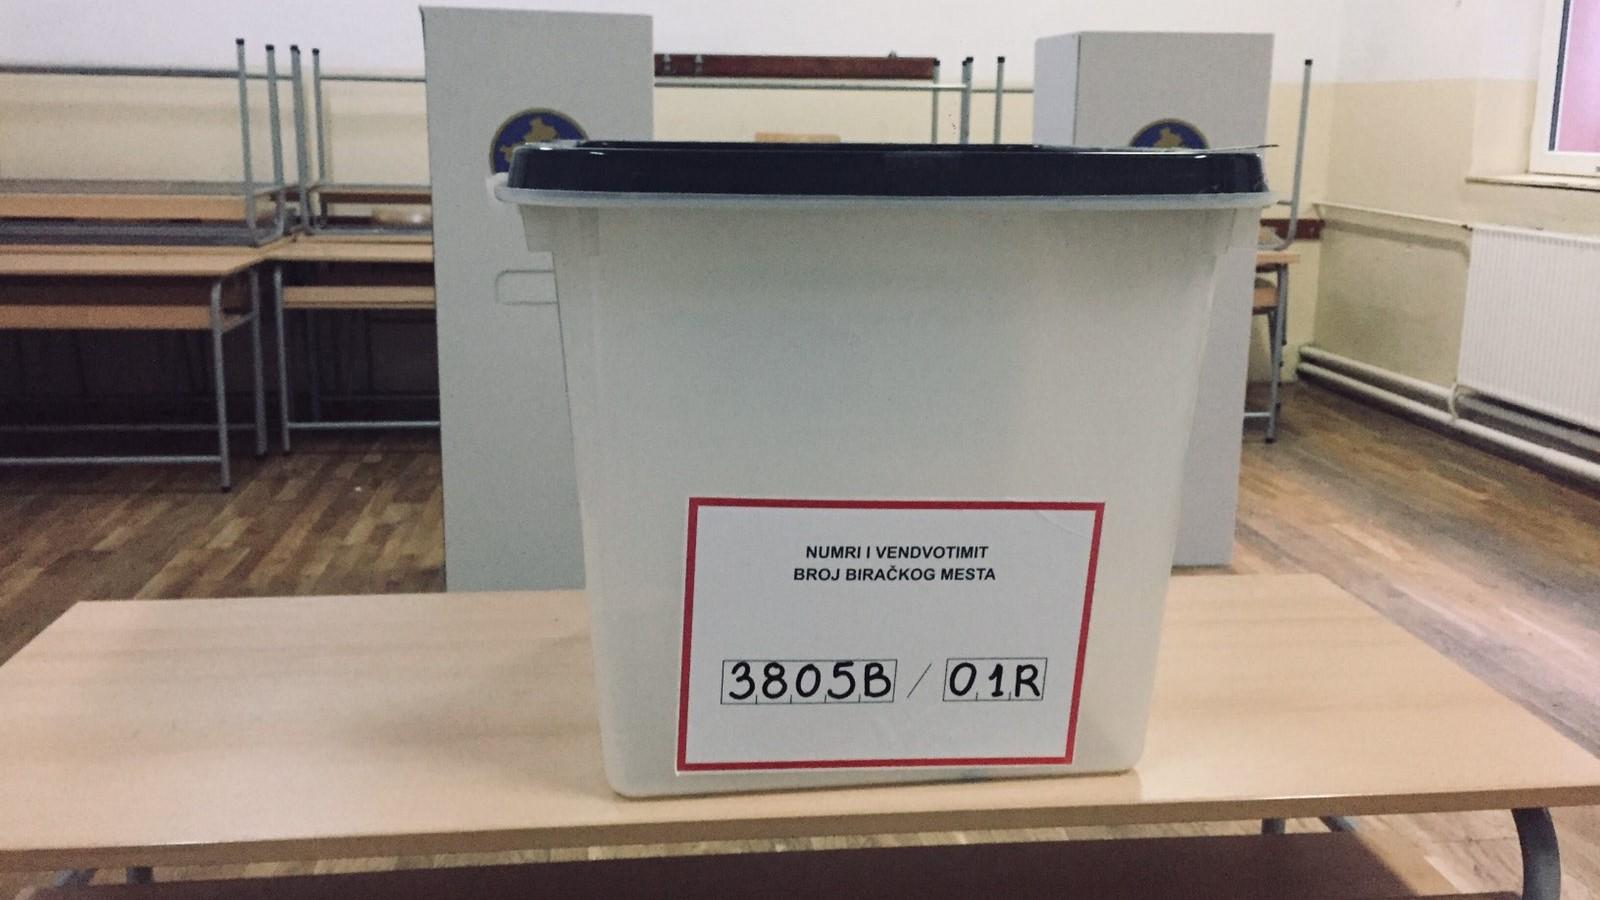 mitrovica-tuzilastvo-podiglo-tri-optuznice-zbog-ometanja-glasanja